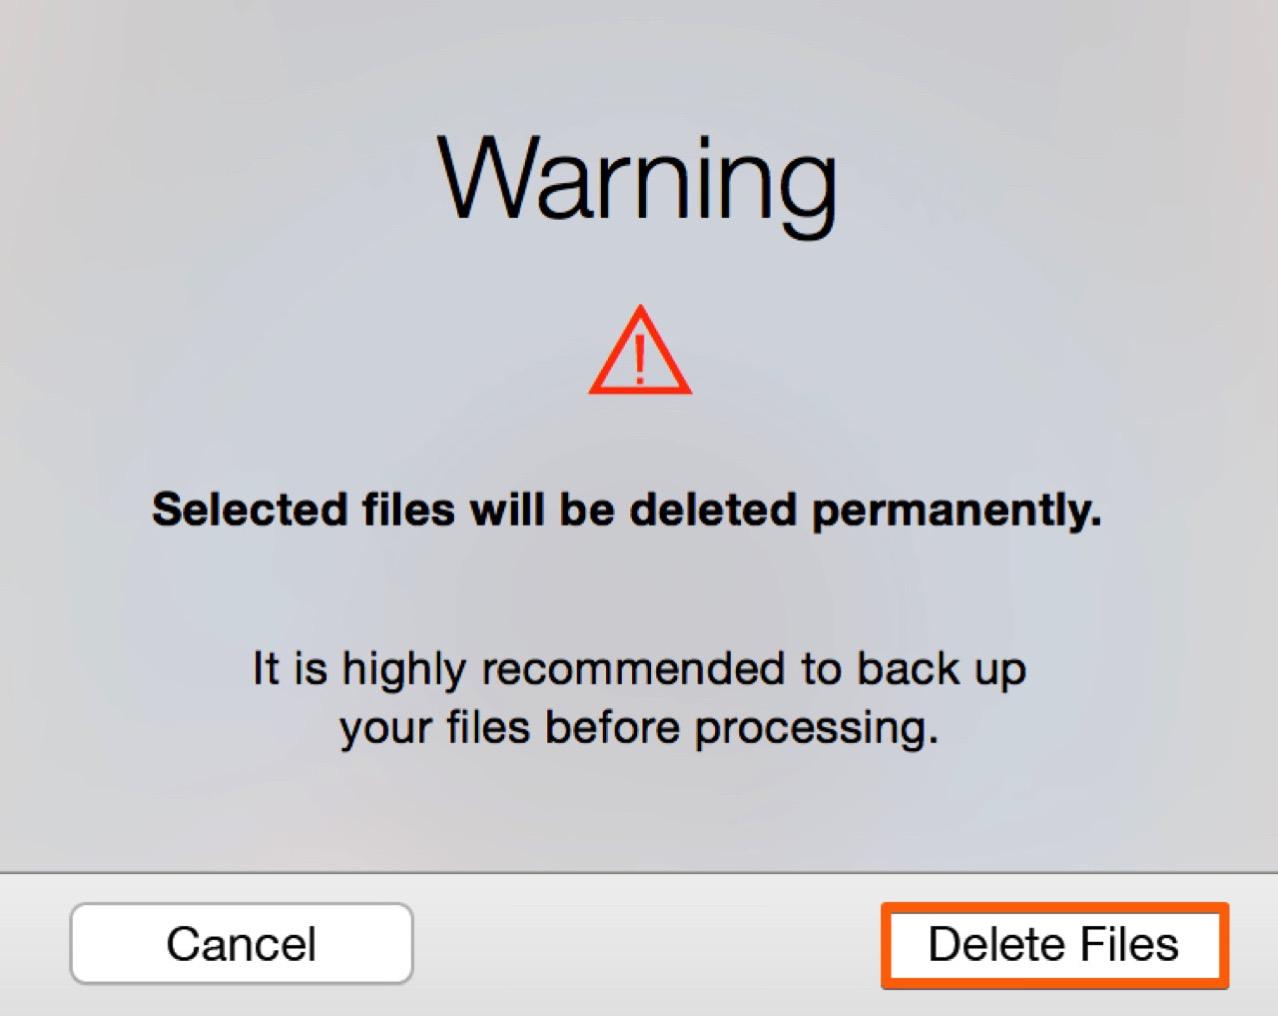 本当にデータを削除して良いかを確認してからデータを削除する